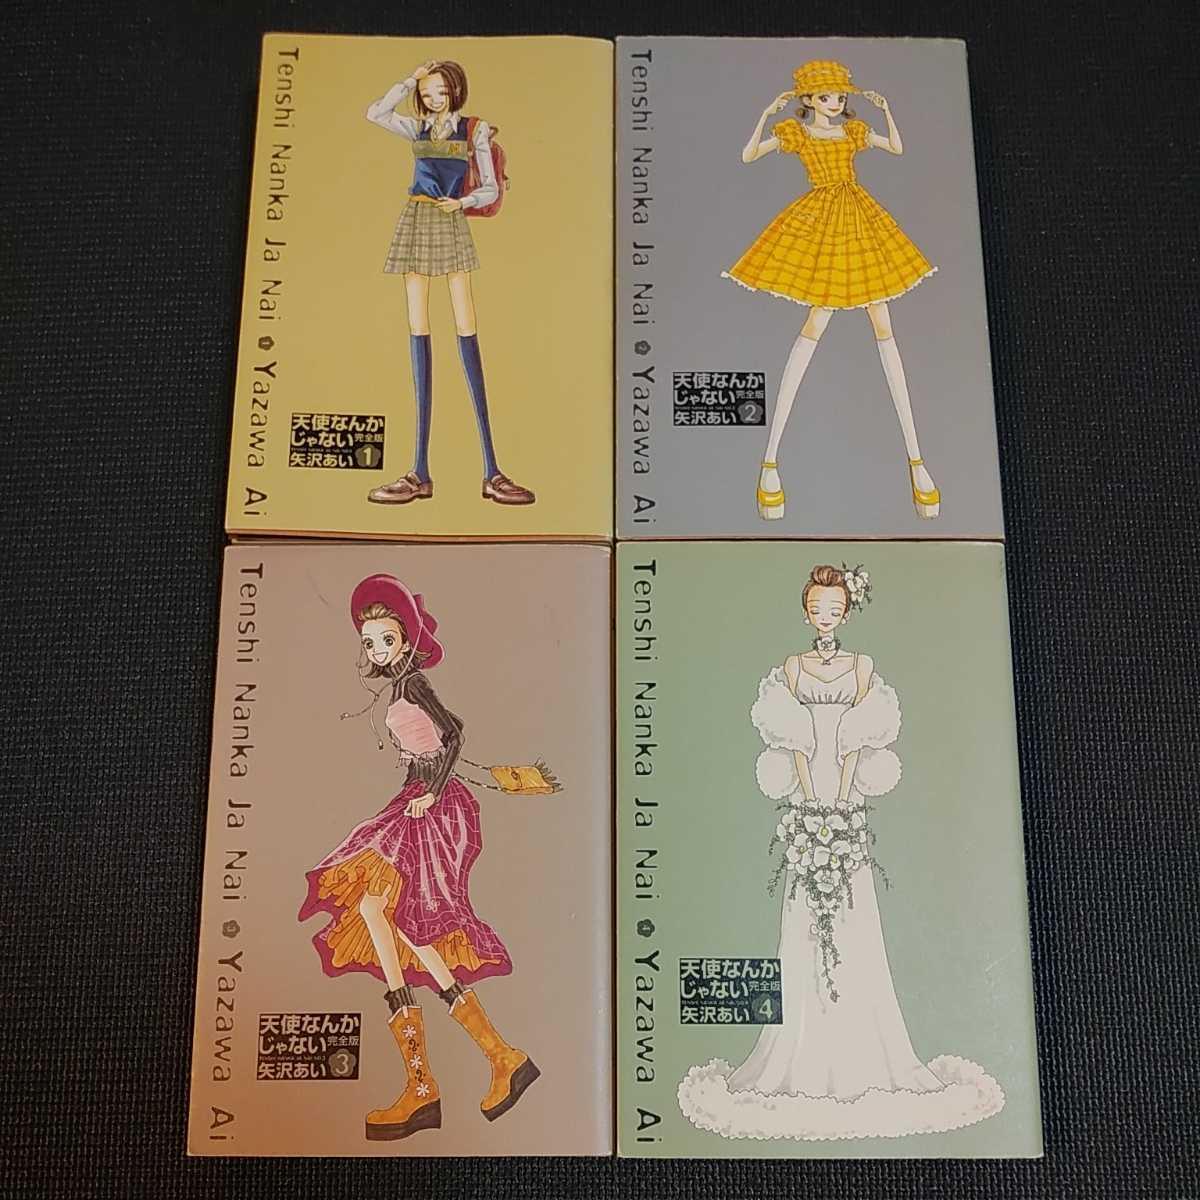 【送料無料・全巻セット】天使なんかじゃない 完全版 全4巻 完結全巻セット 矢沢あい